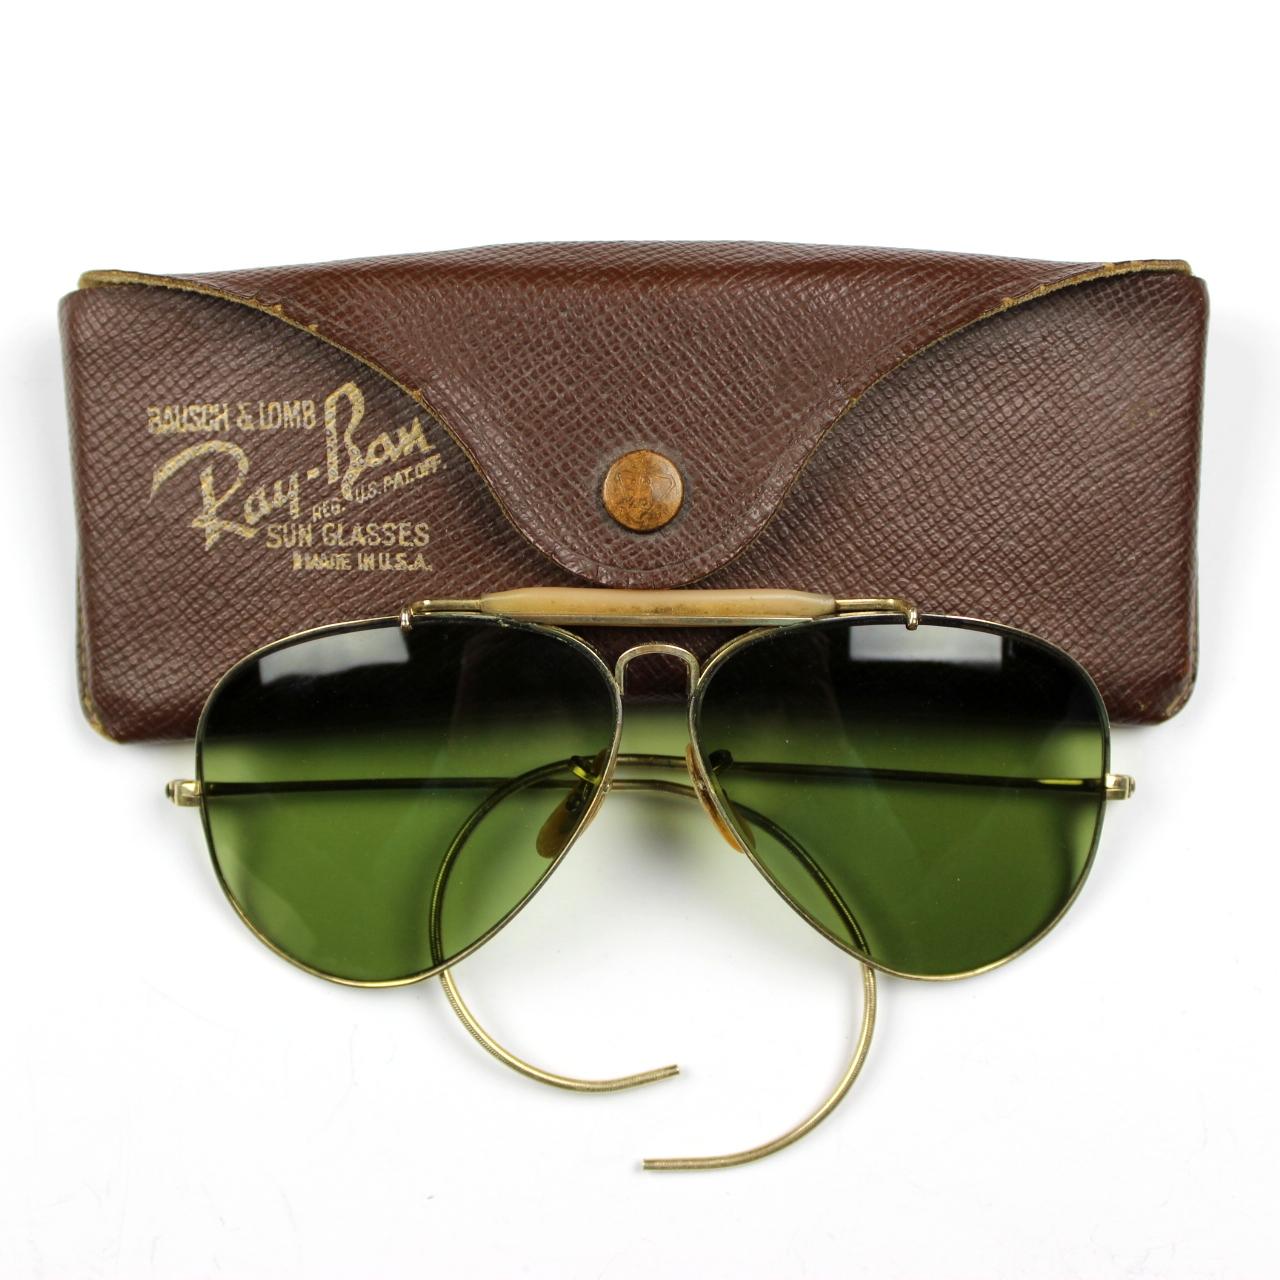 d72680d32d 44th Collectors Avenue - Bausch   Lomb Ray-Ban sunglasses - 52mm 1 ...